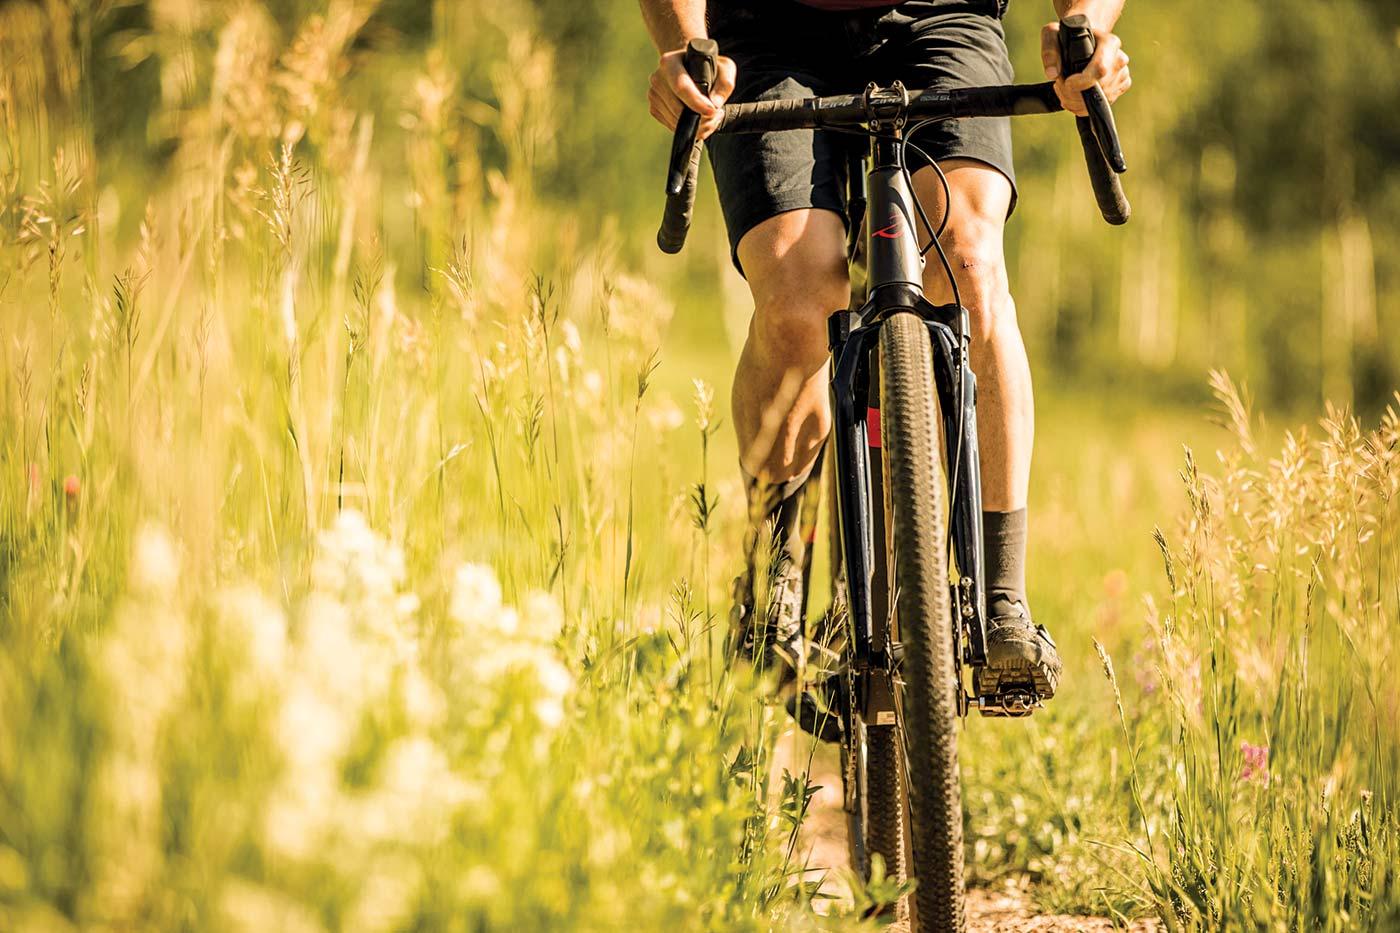 2022 rockshox rudy suspension fork for gravel bikes